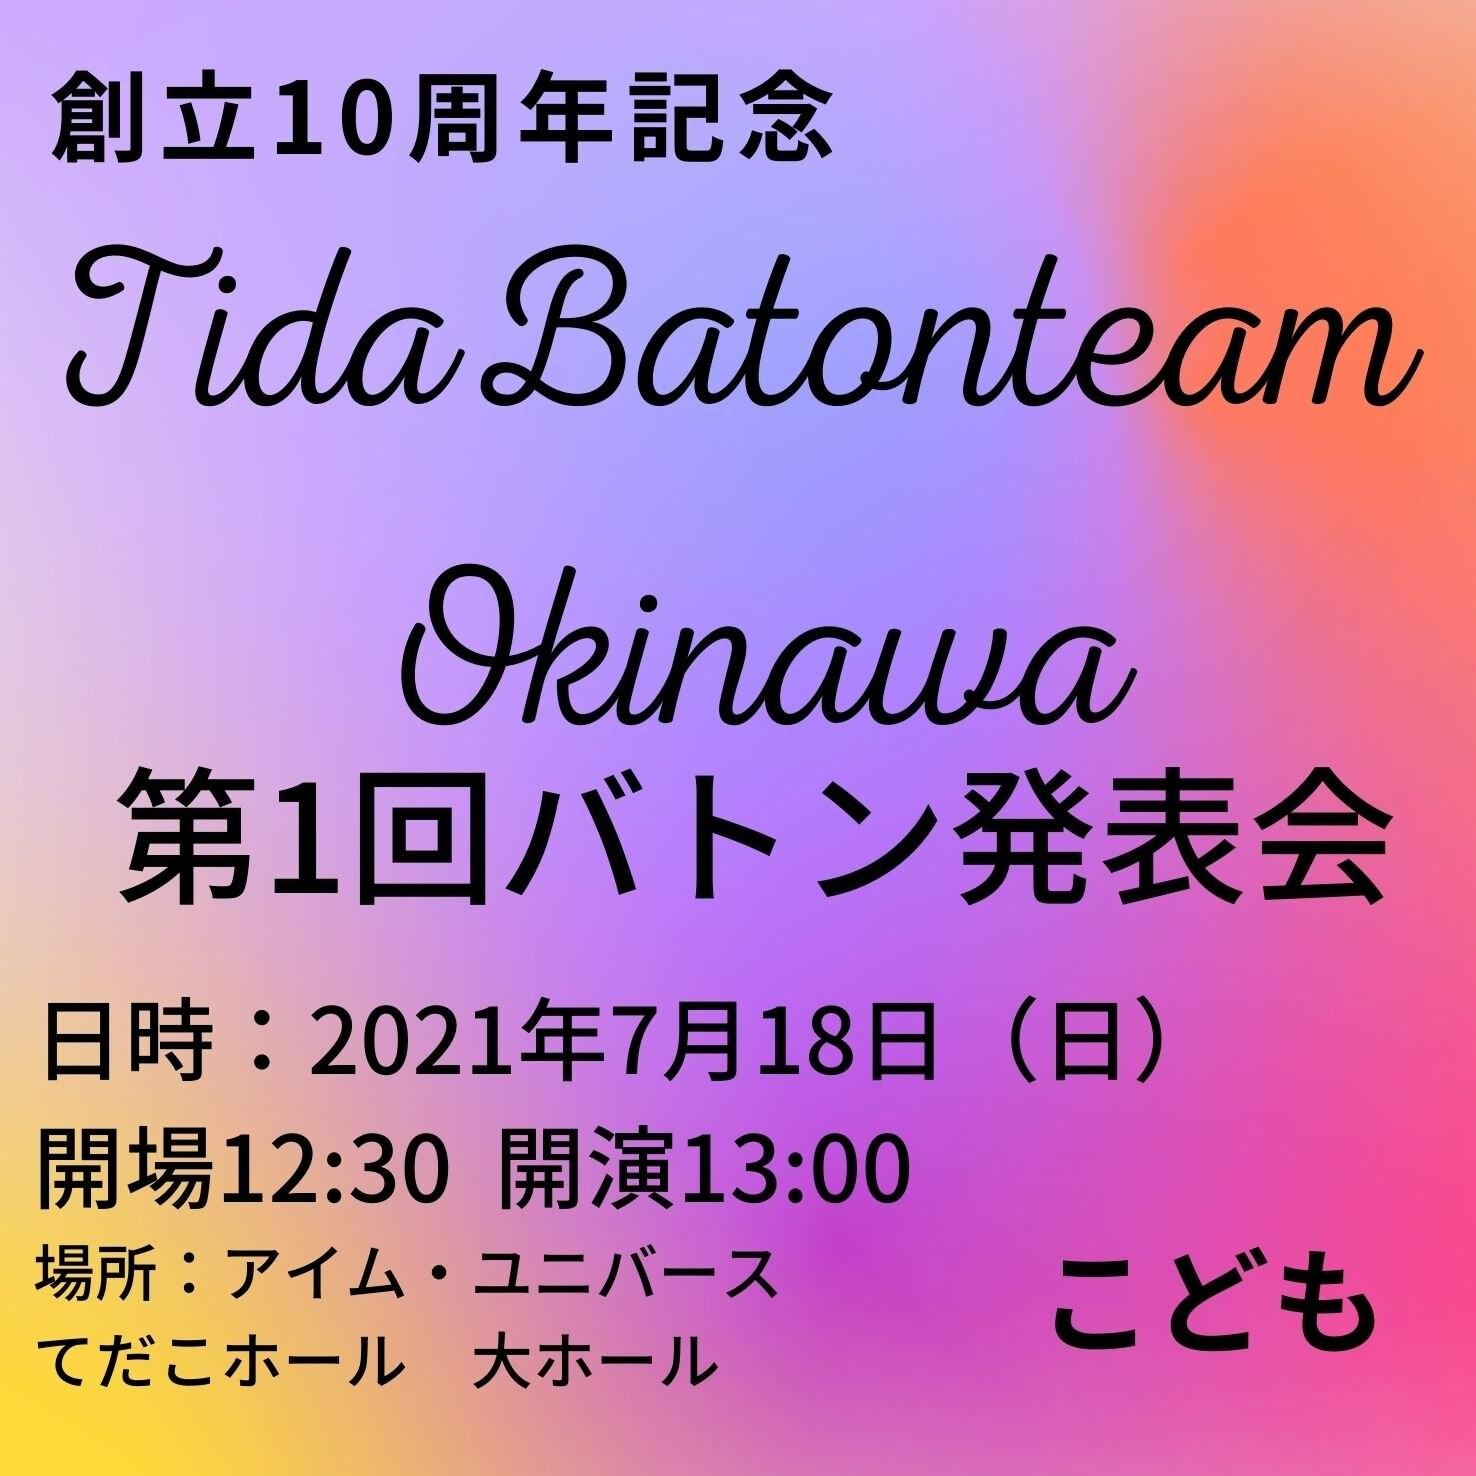 創立10周年記念 第1回 TidaBatonteam Okinawa バトン発表会の小人用チケット (小・中学生)のイメージその1